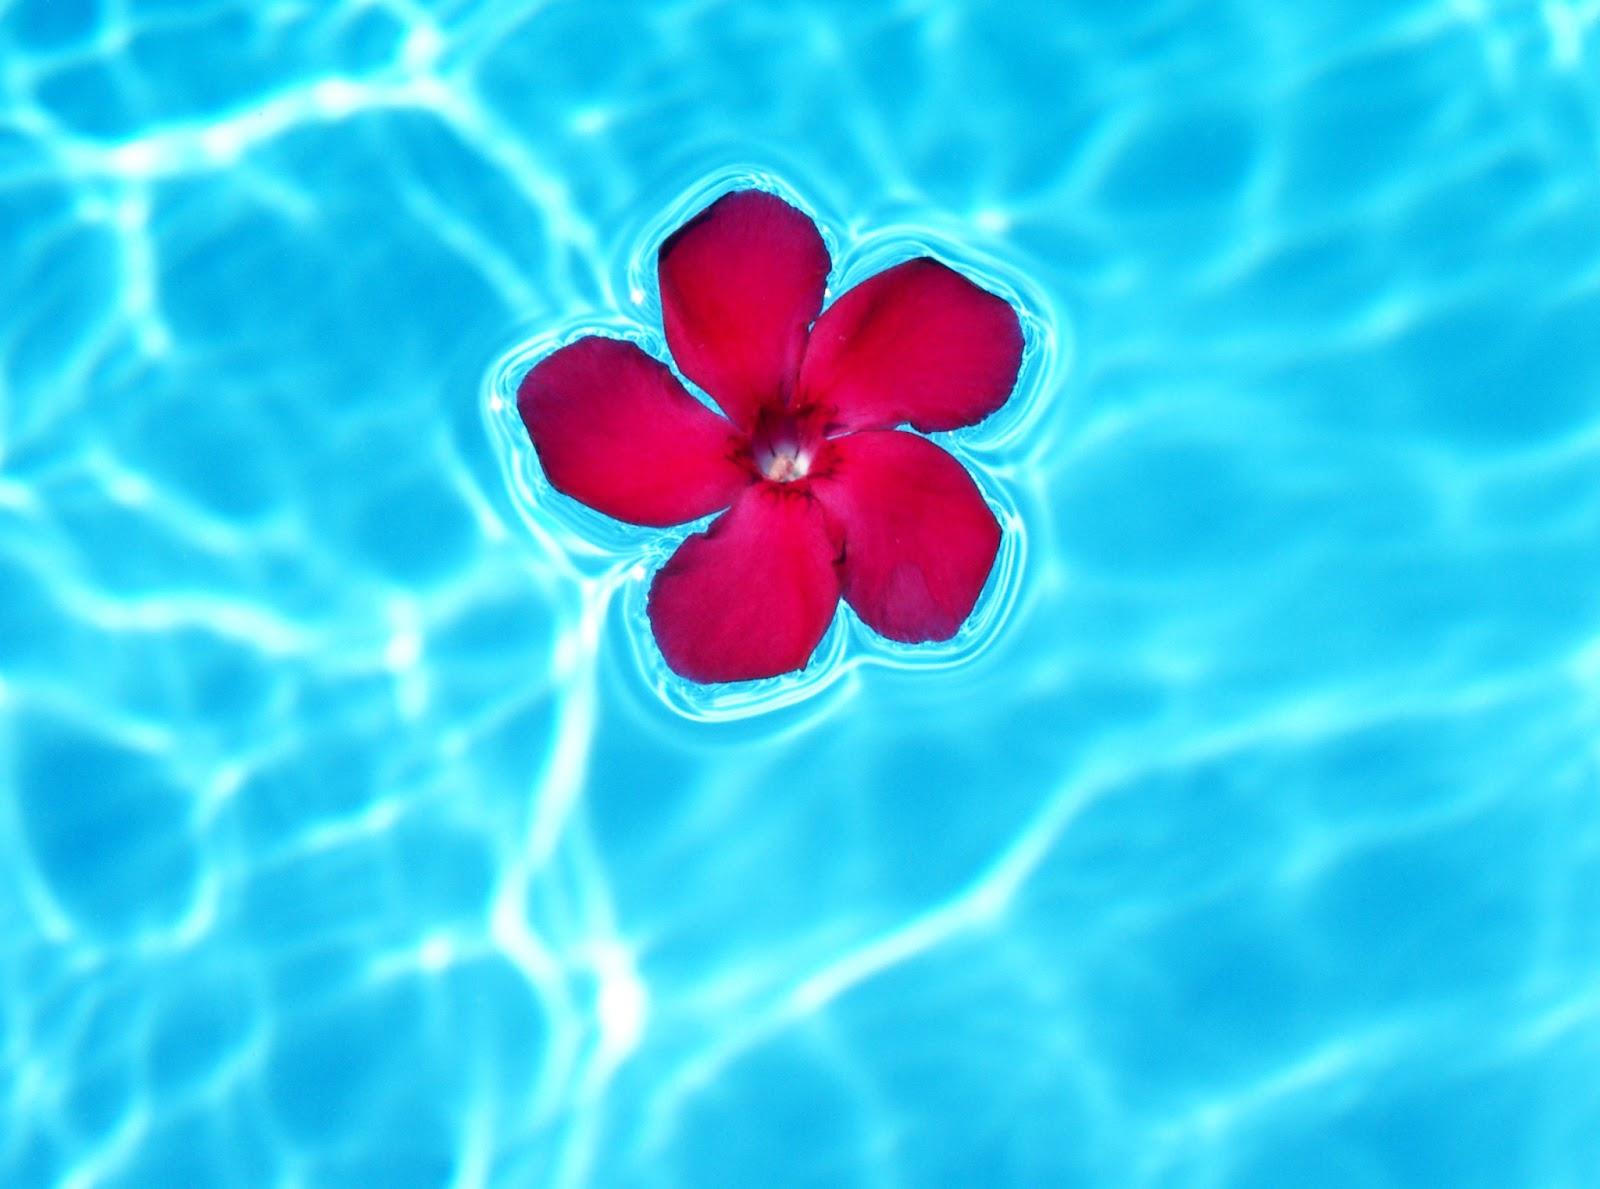 Questions pratiques sur la vidange piscine hivernage piscine - Comment vider une piscine ...